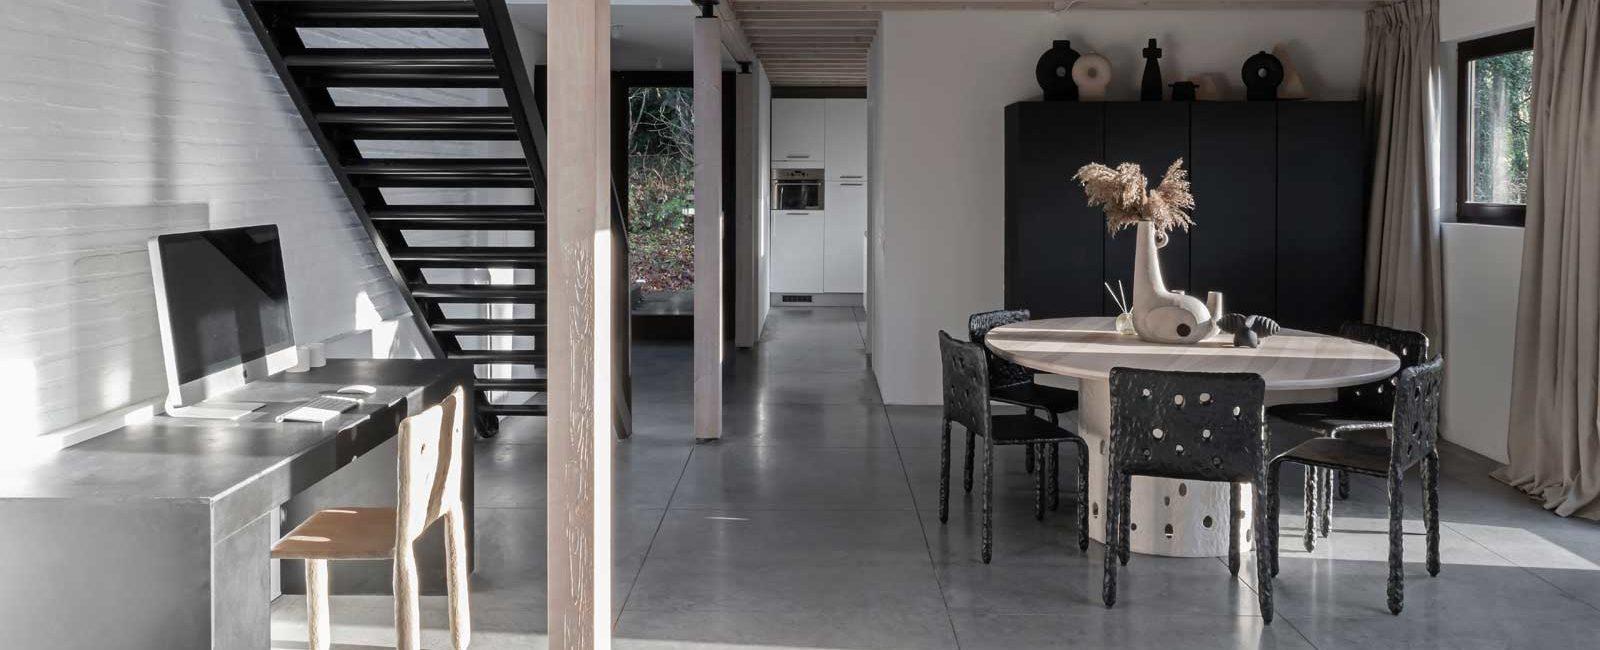 Faina house – una vetrina per il design ancestrale del brand